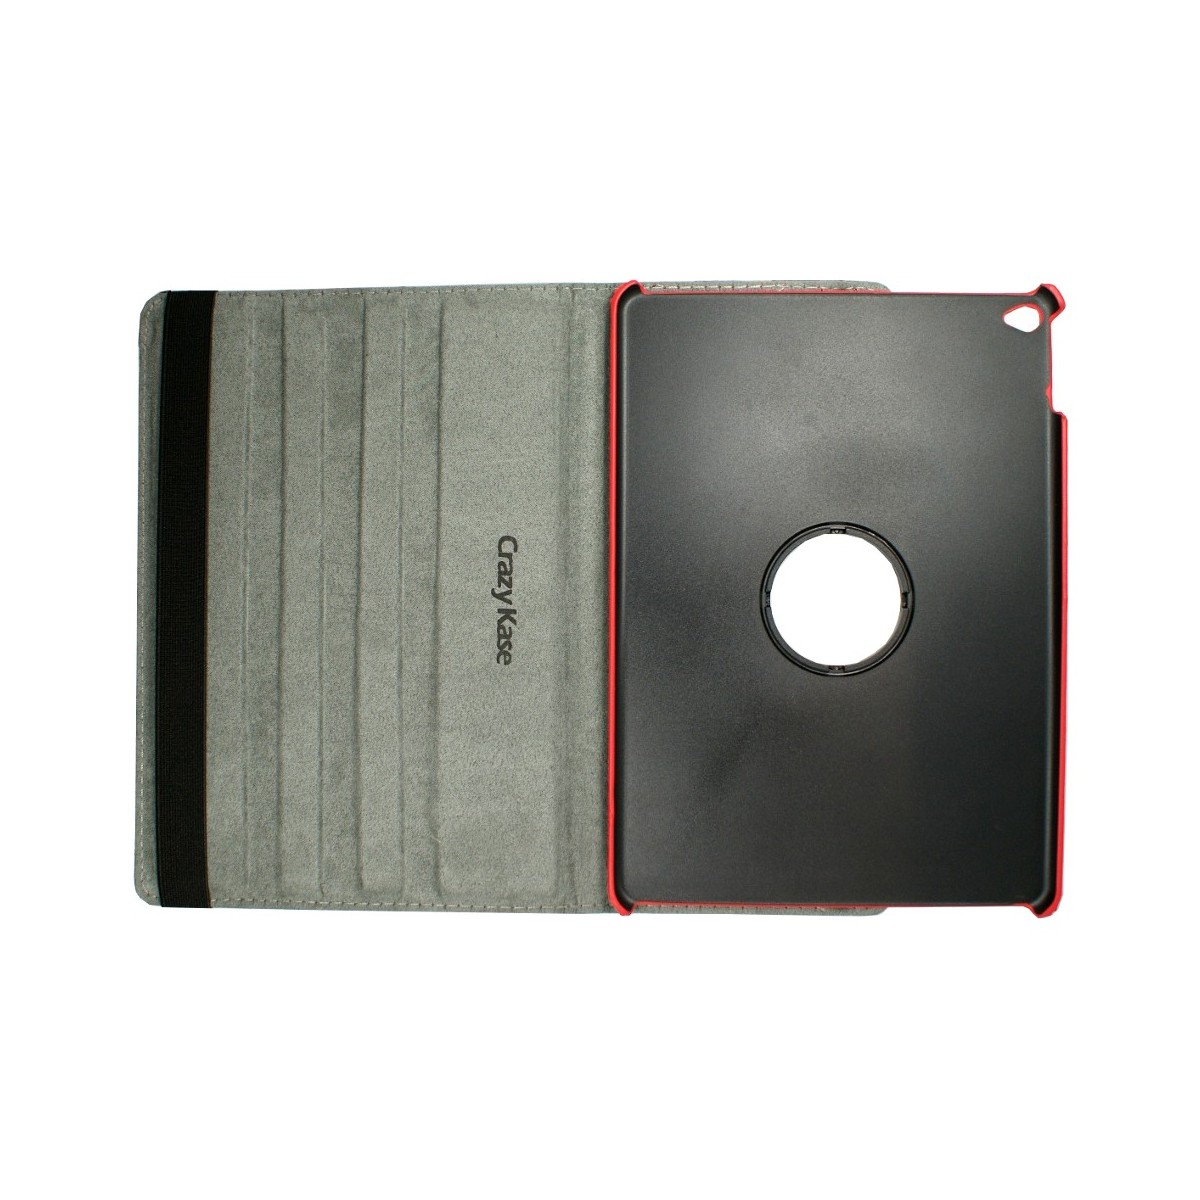 Etui iPad Air 2 rotatif 360° motif drapeau UK - Crazy Kase